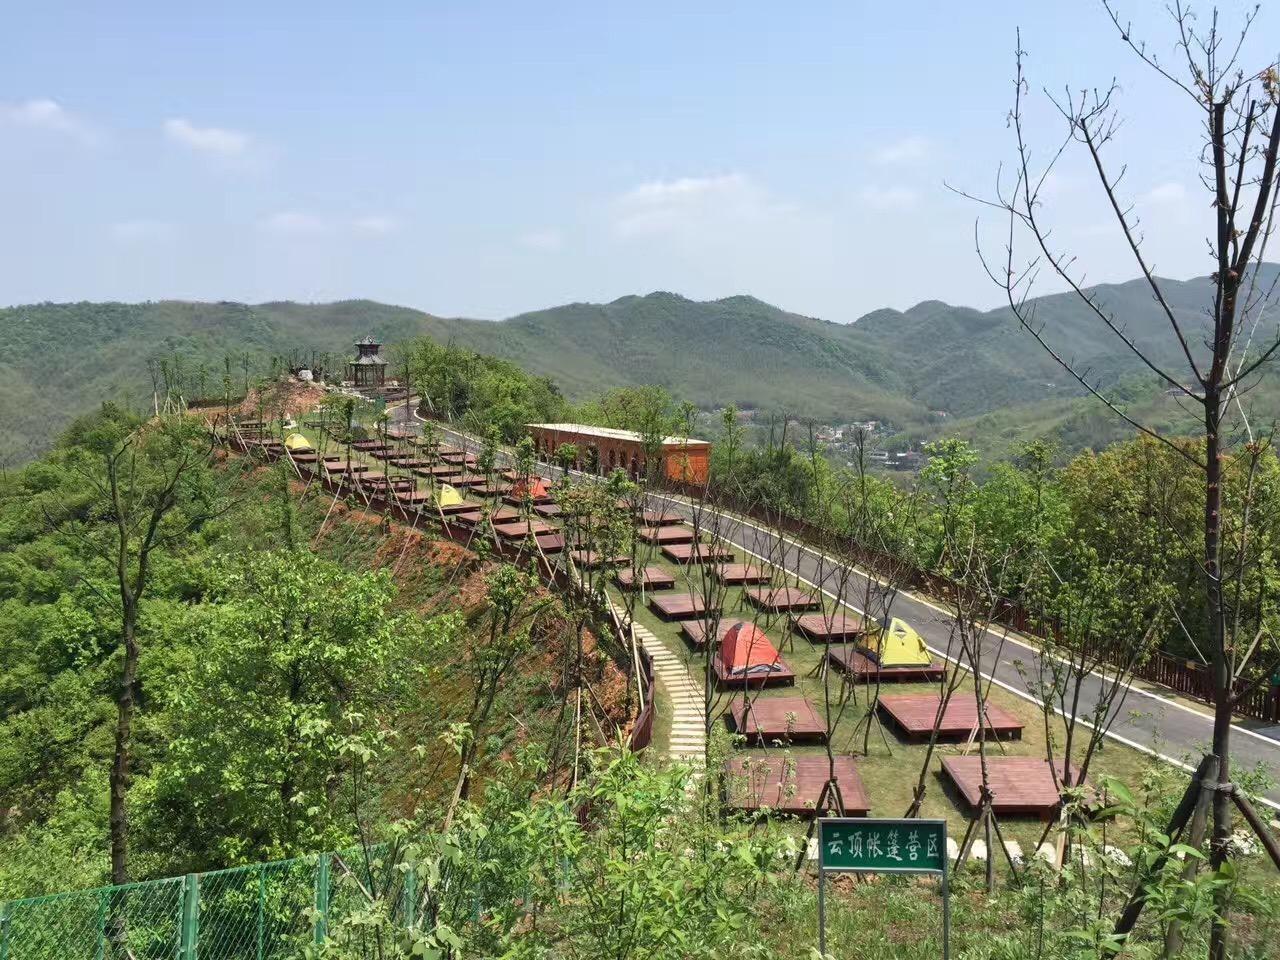 宁乡龙凤国际露营基地